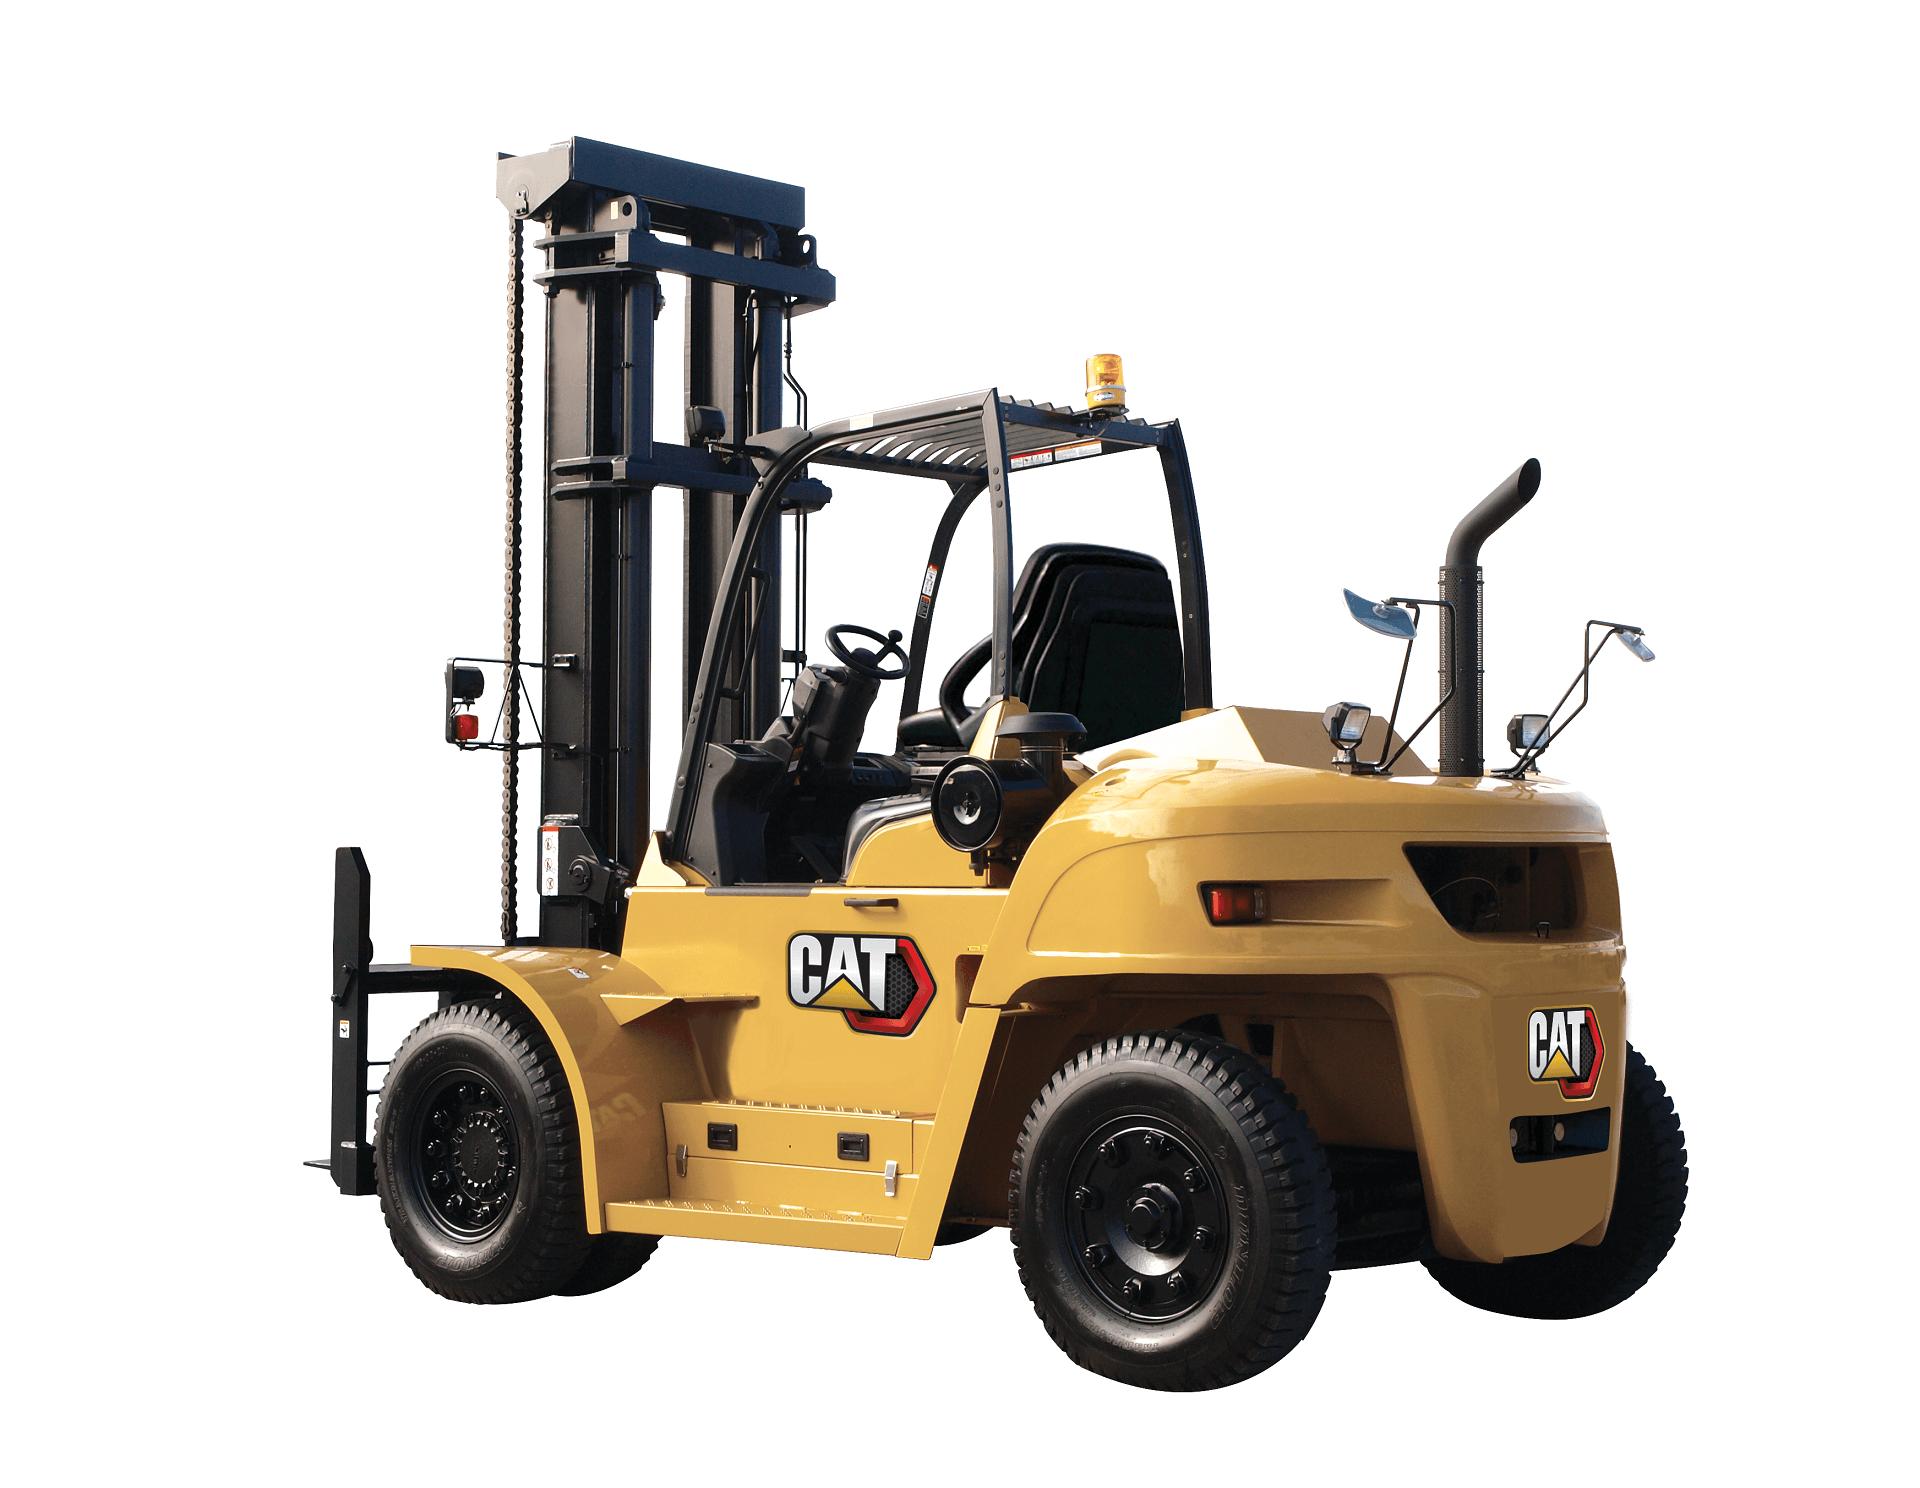 Cat DP100-150NM1 - Phú Thái Cat